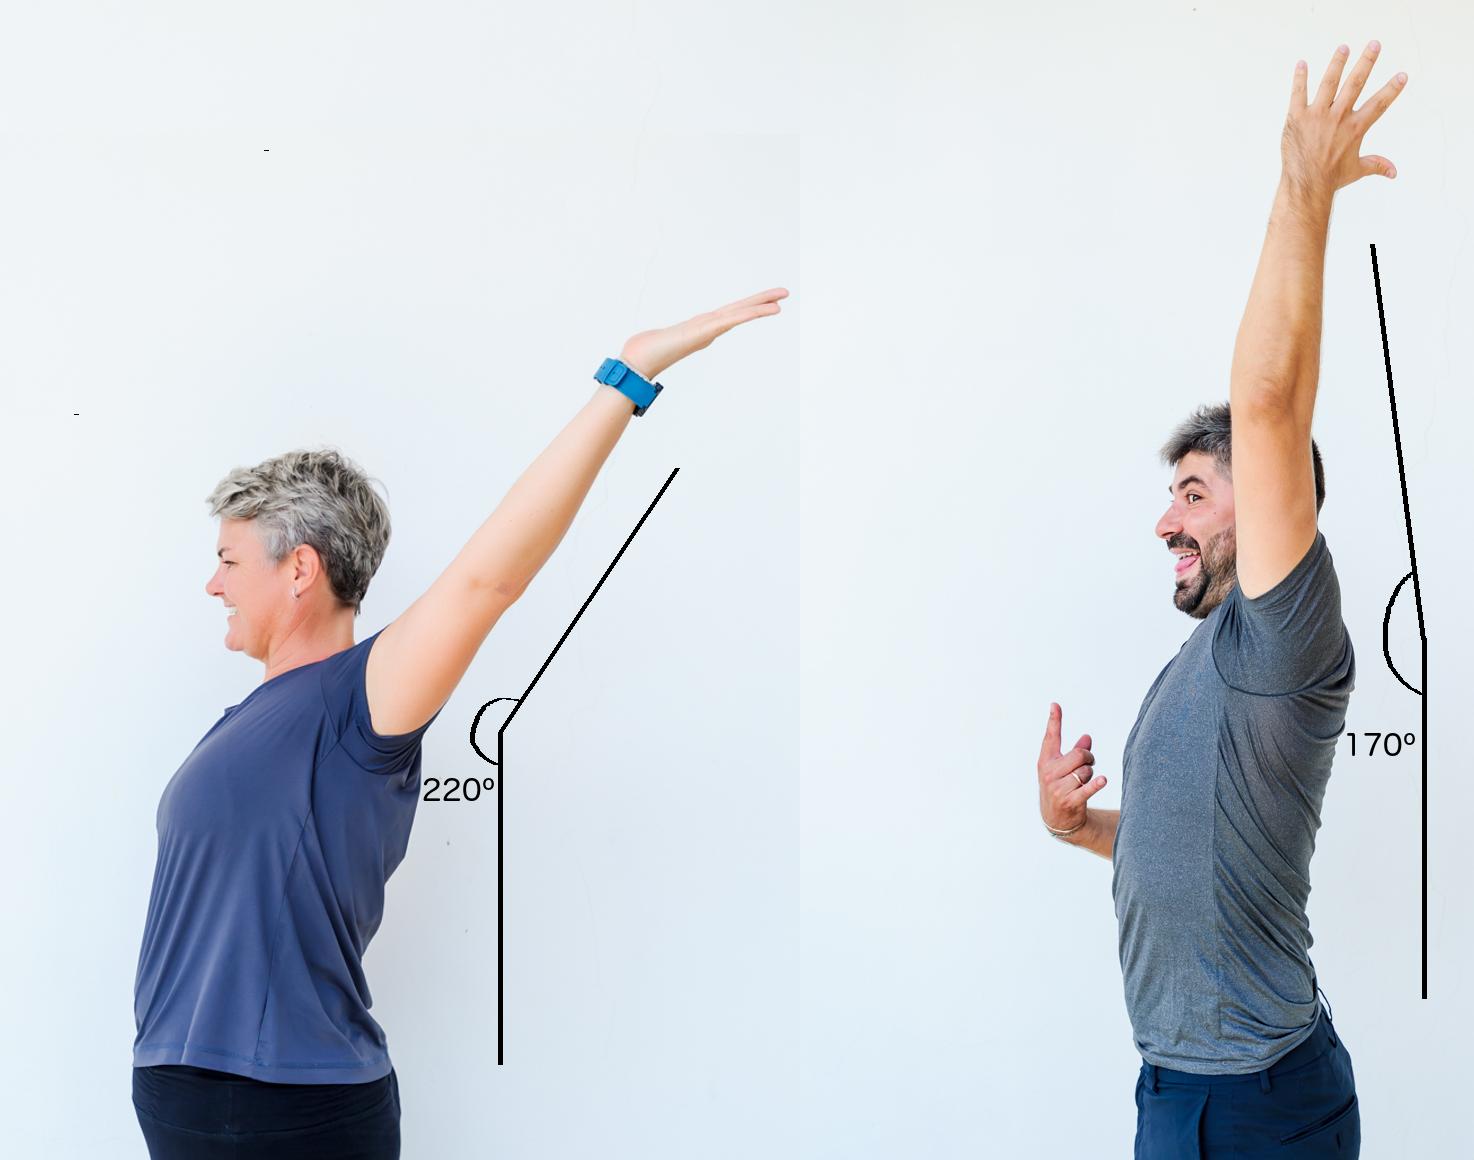 yoga teacher training edinburgh